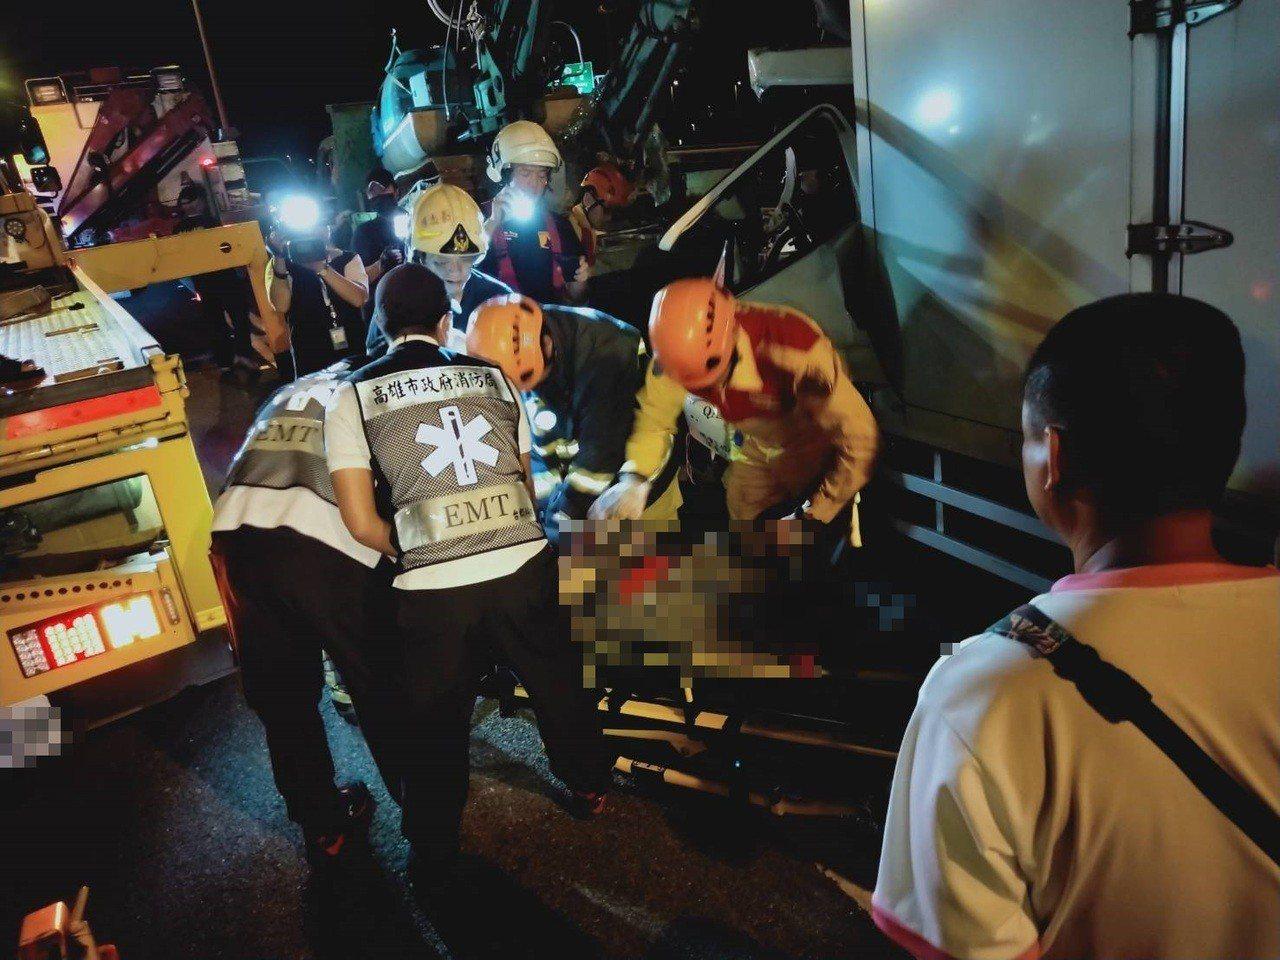 救護人員抬出冷凍貨車楊姓司機,緊急送醫後仍不治。記者林保光/翻攝